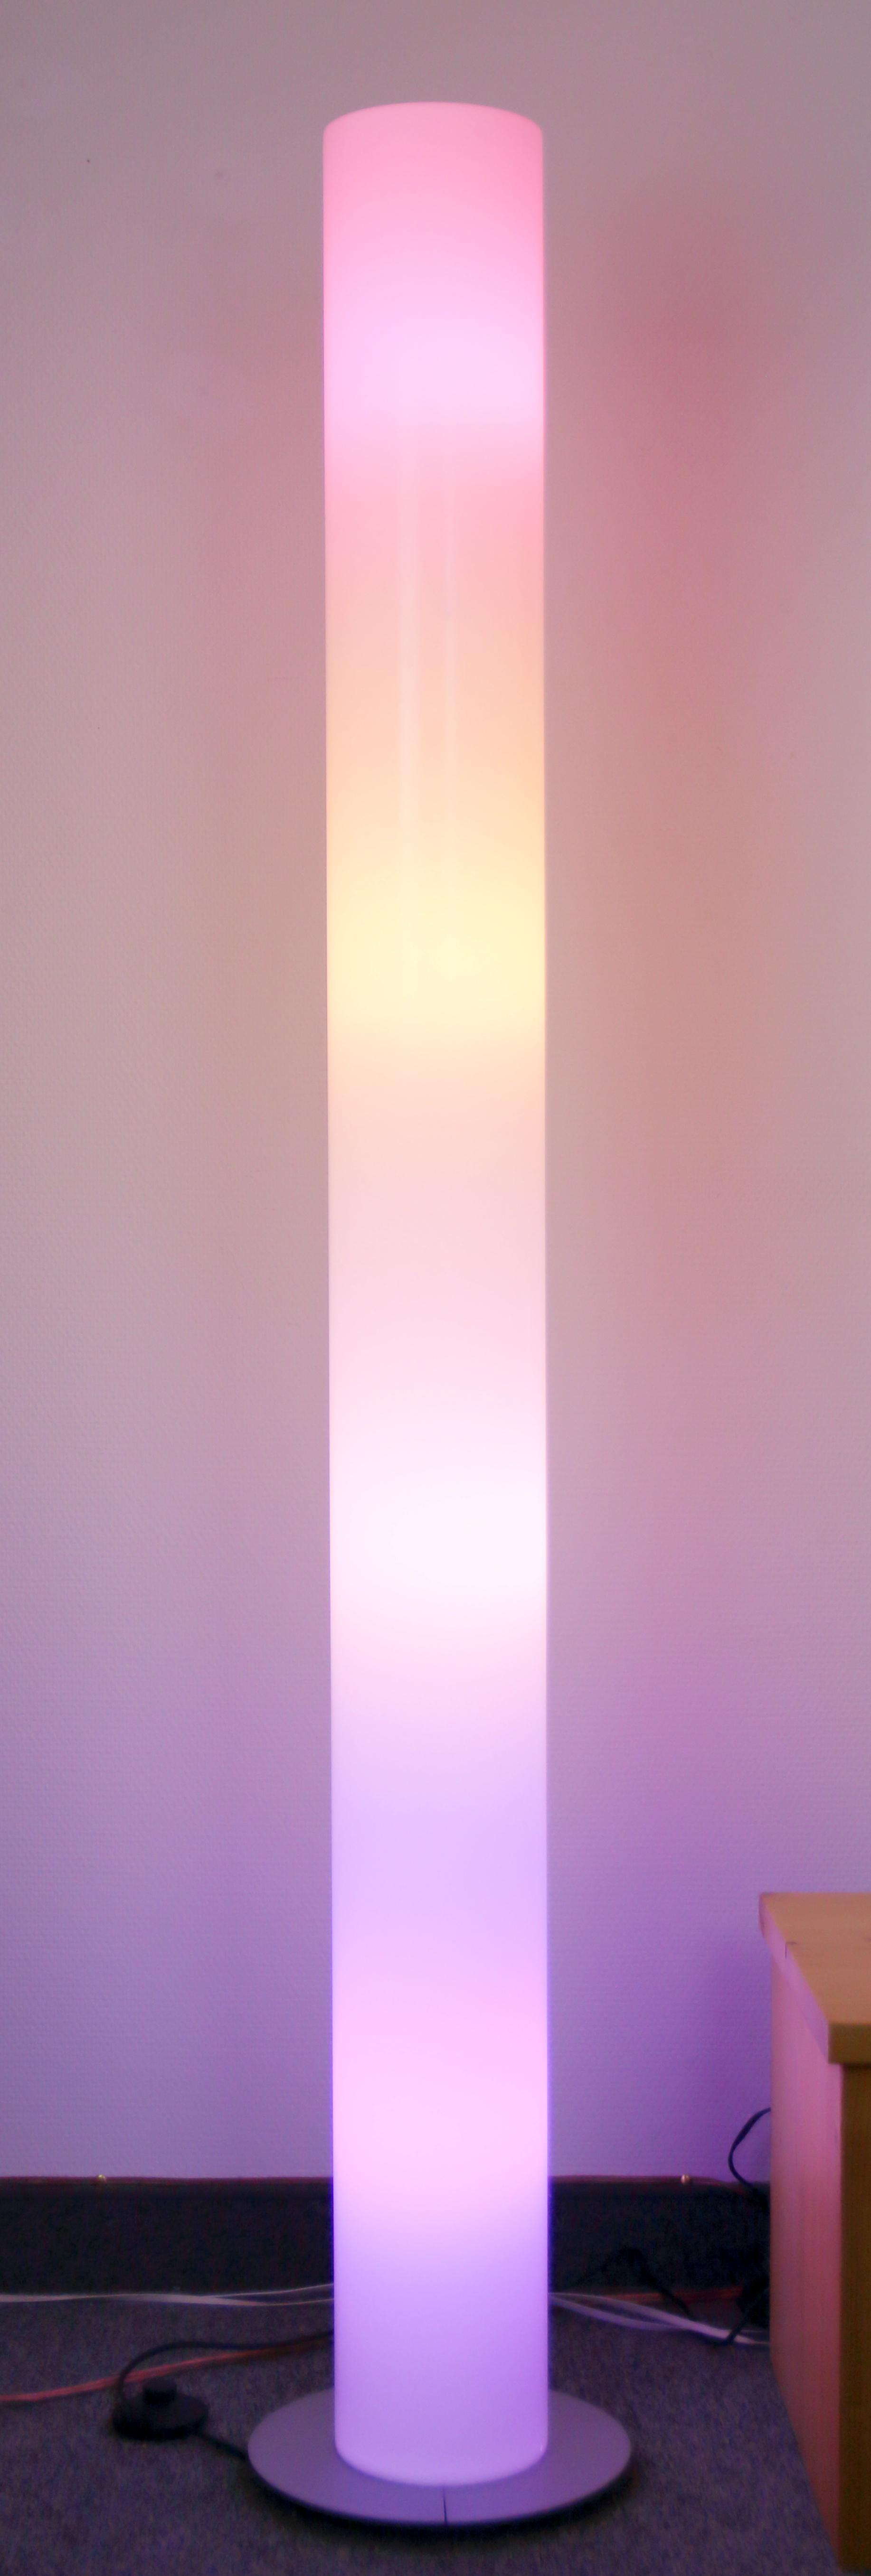 Philips Lampen Hue